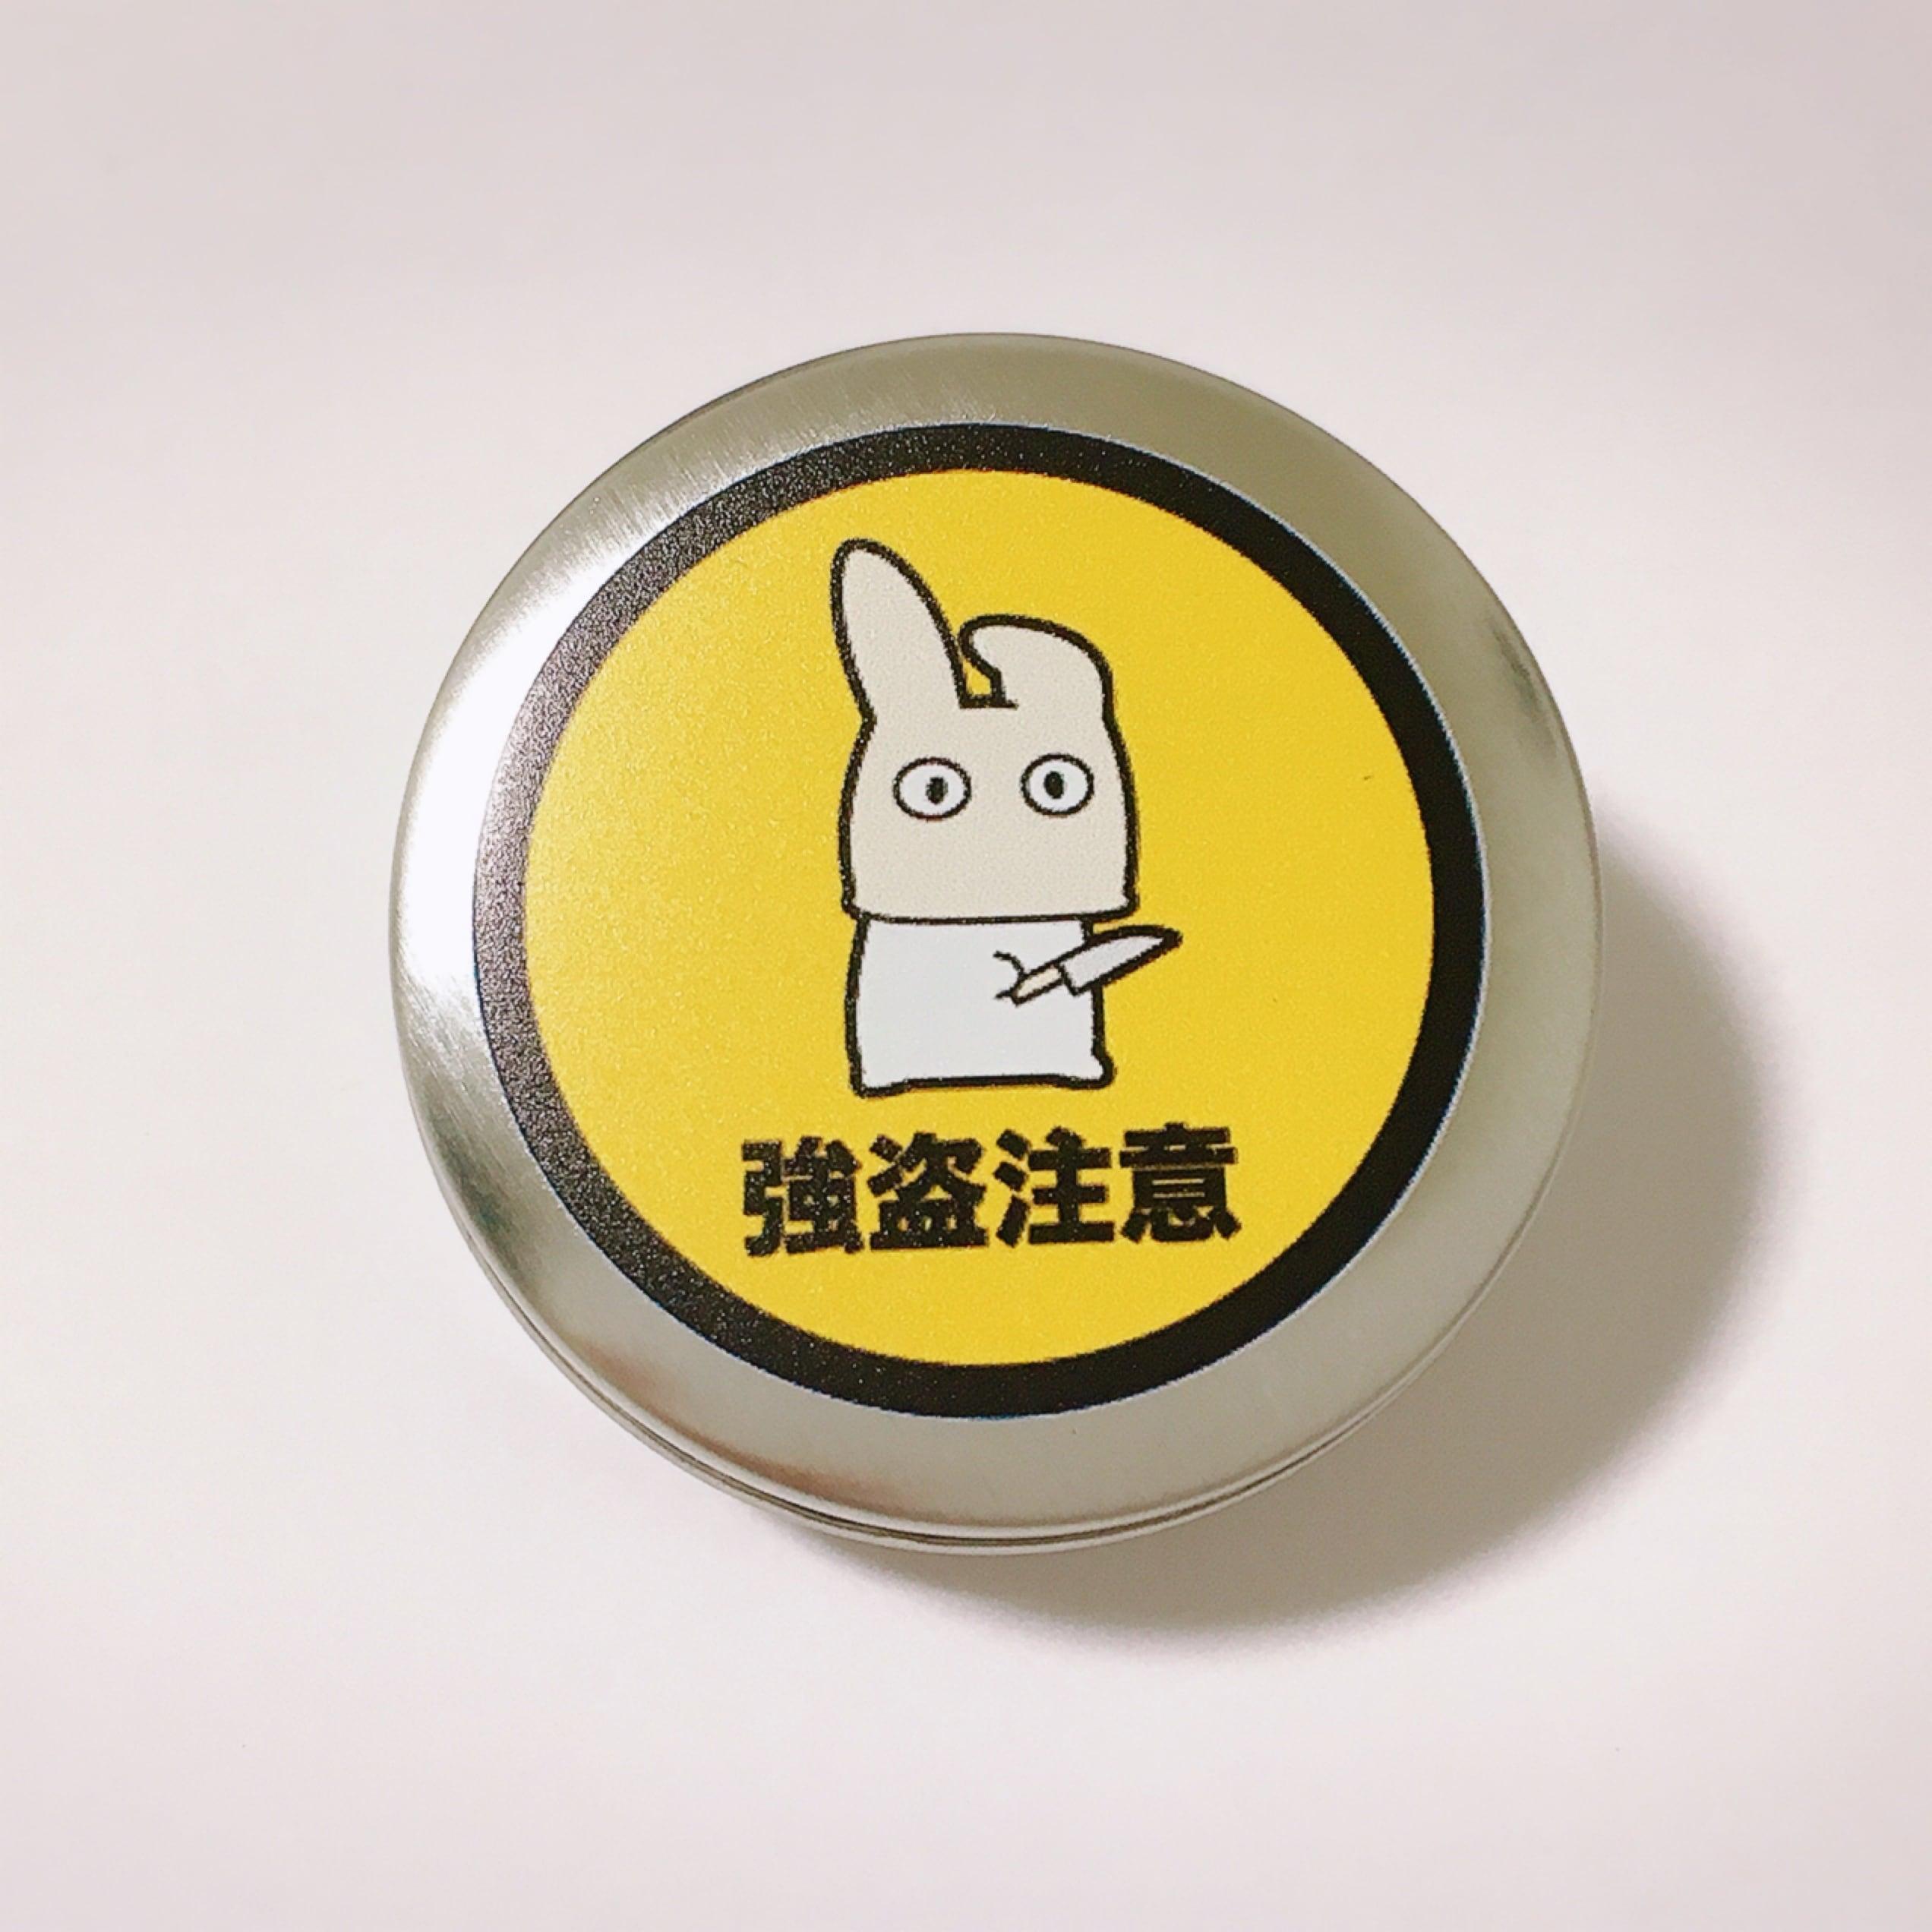 メンタム缶